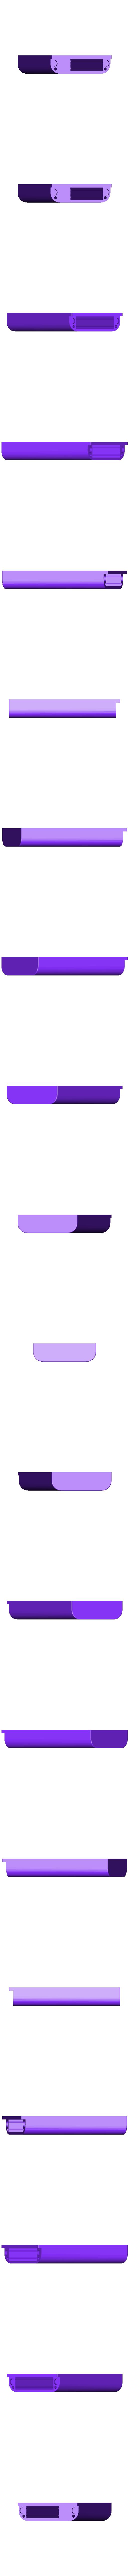 cashStash_Body_v01_wifi.STL Download free STL file Magnetic WiFi Repeater Stash Box for Cash & Valuables • 3D printing model, sneaks